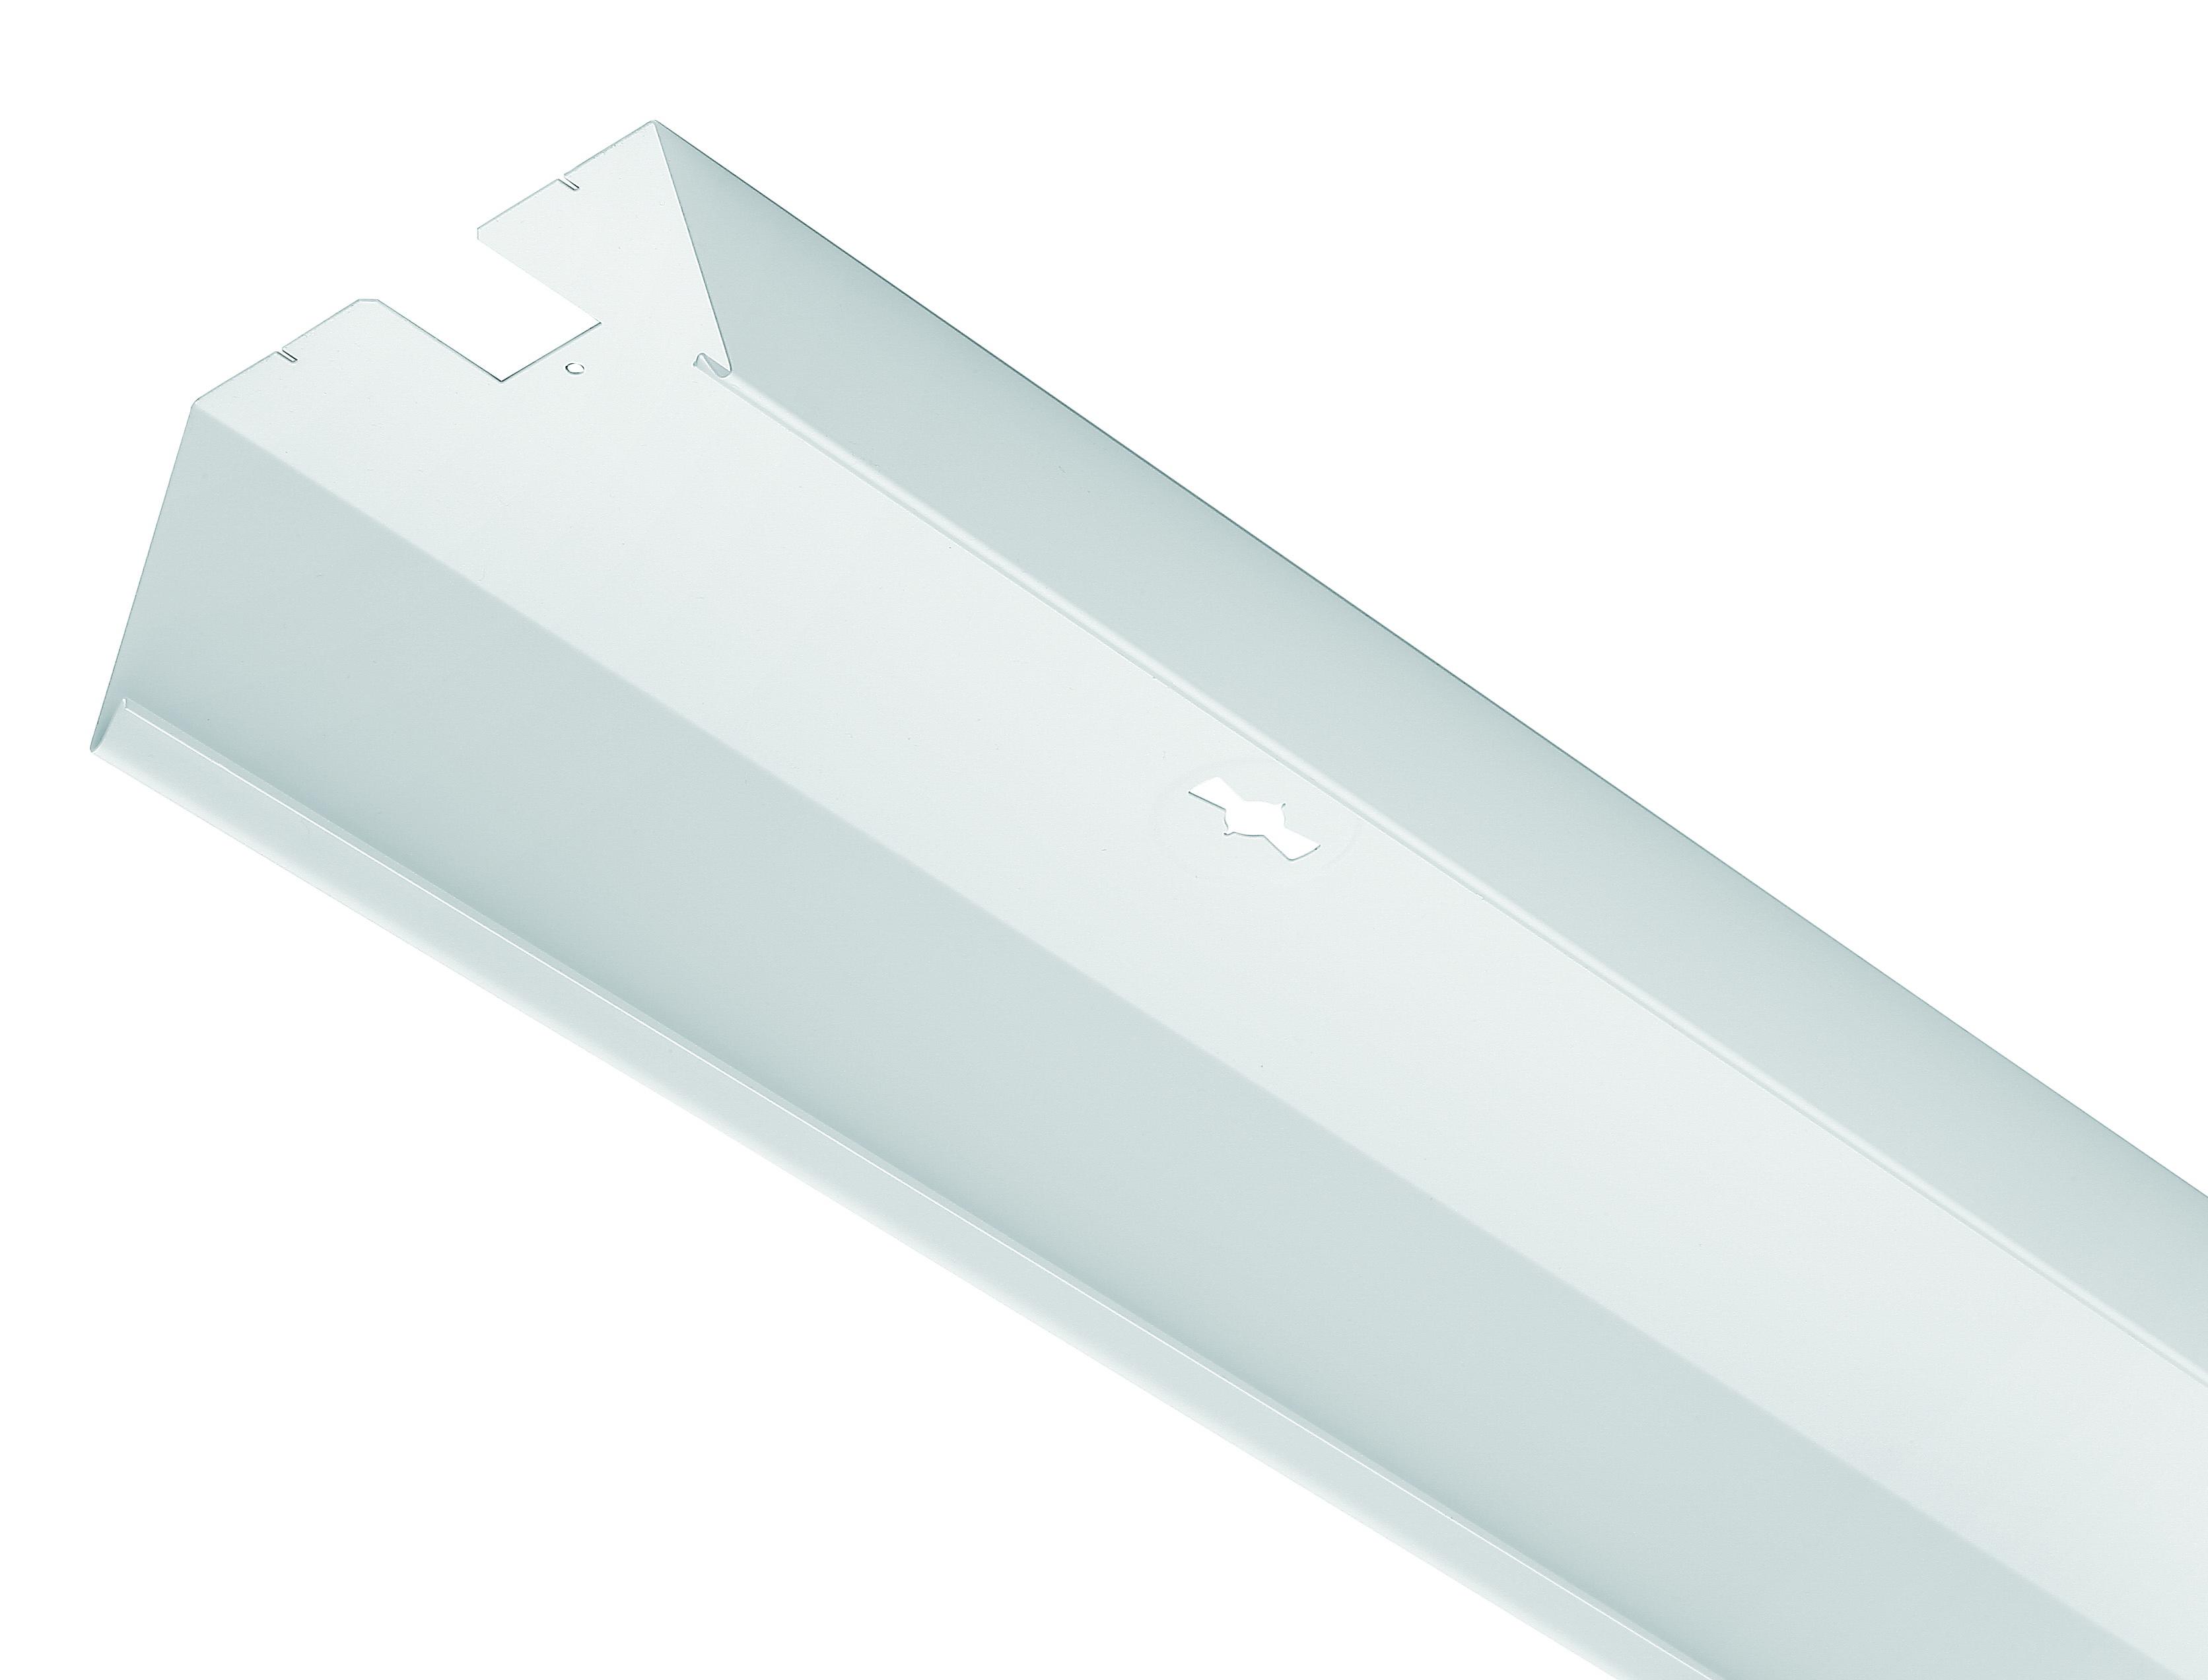 1 Stk L-SE Reflektor R2 T8 L1, 2x58W, weiß LI99000224